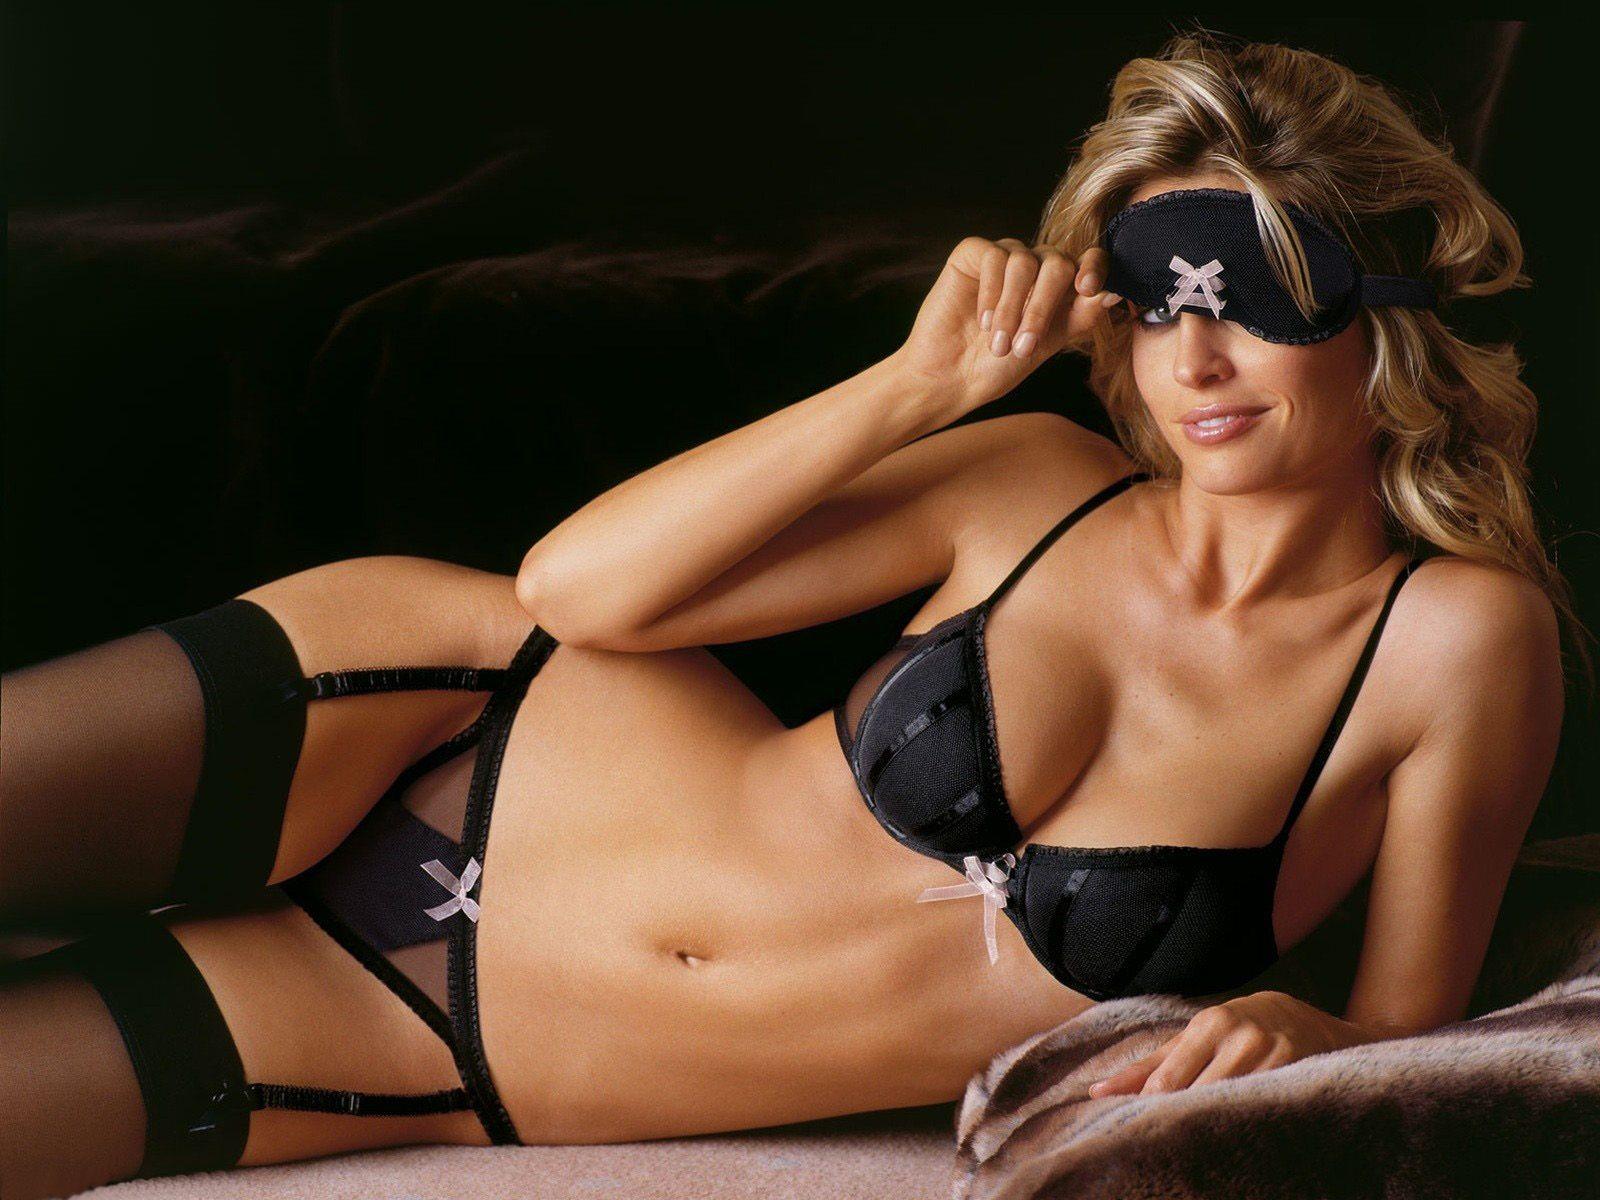 Сексуальные женщины 35 40 лет 24 фотография